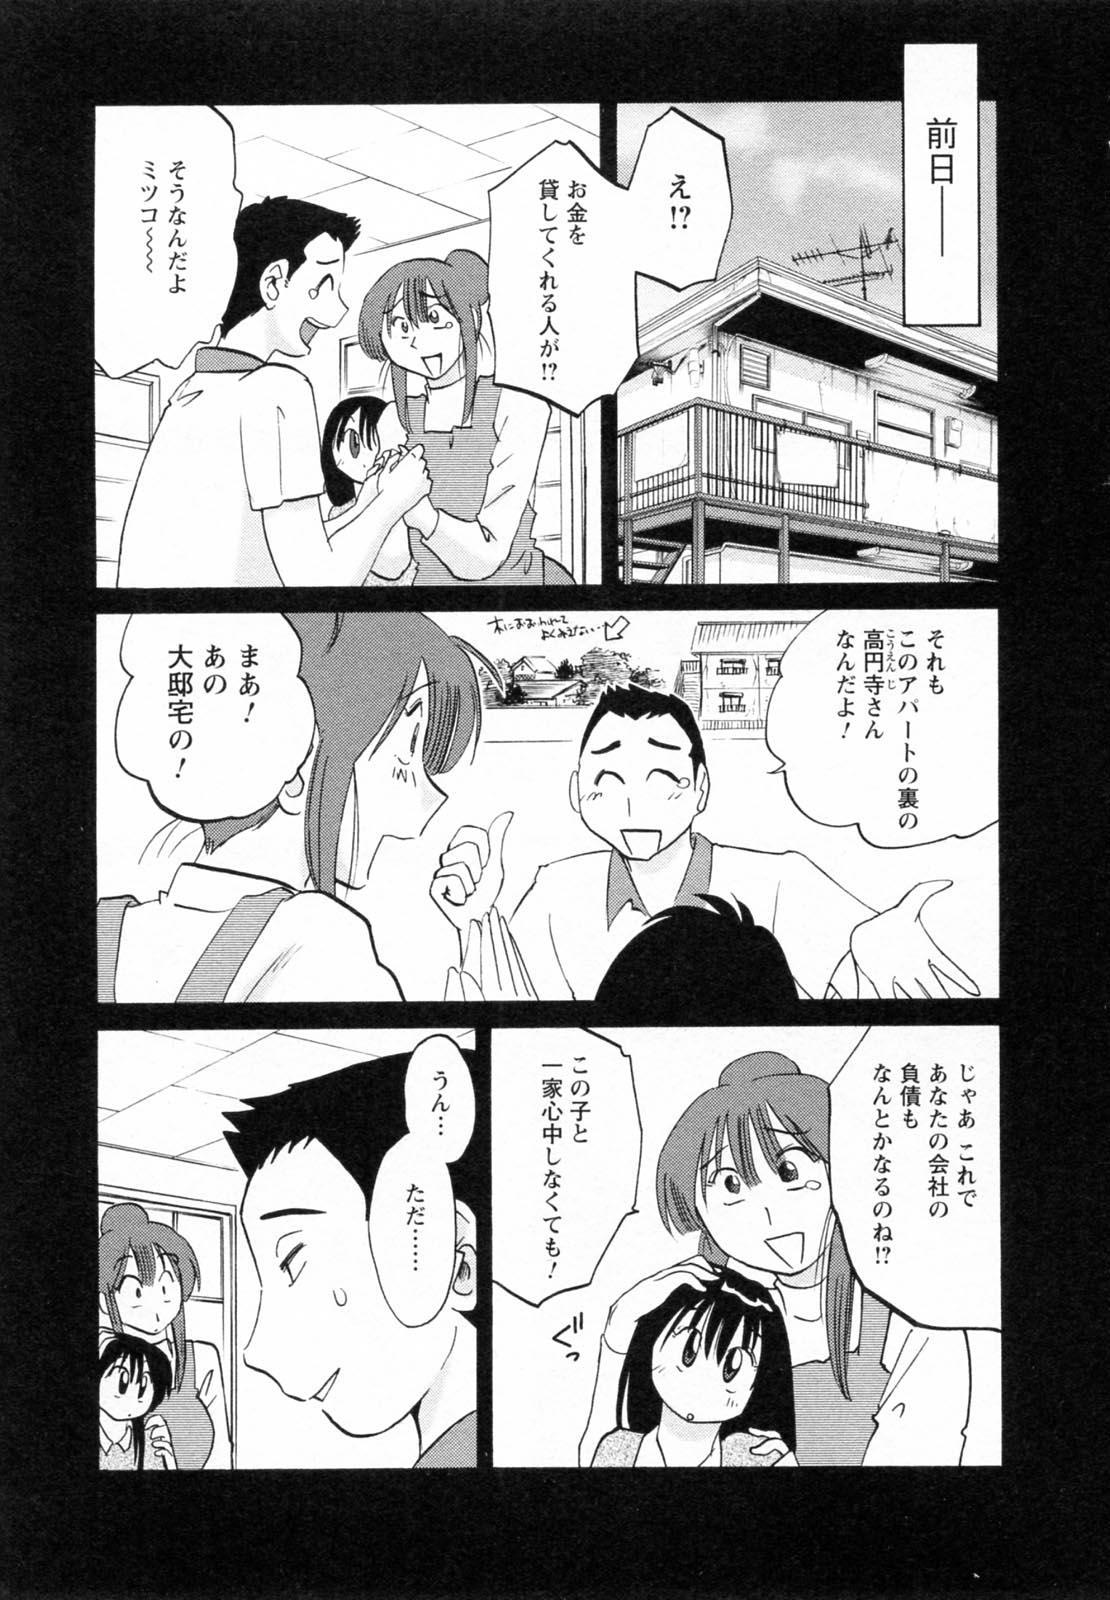 Maid no Mitsukosan Vol.1 8